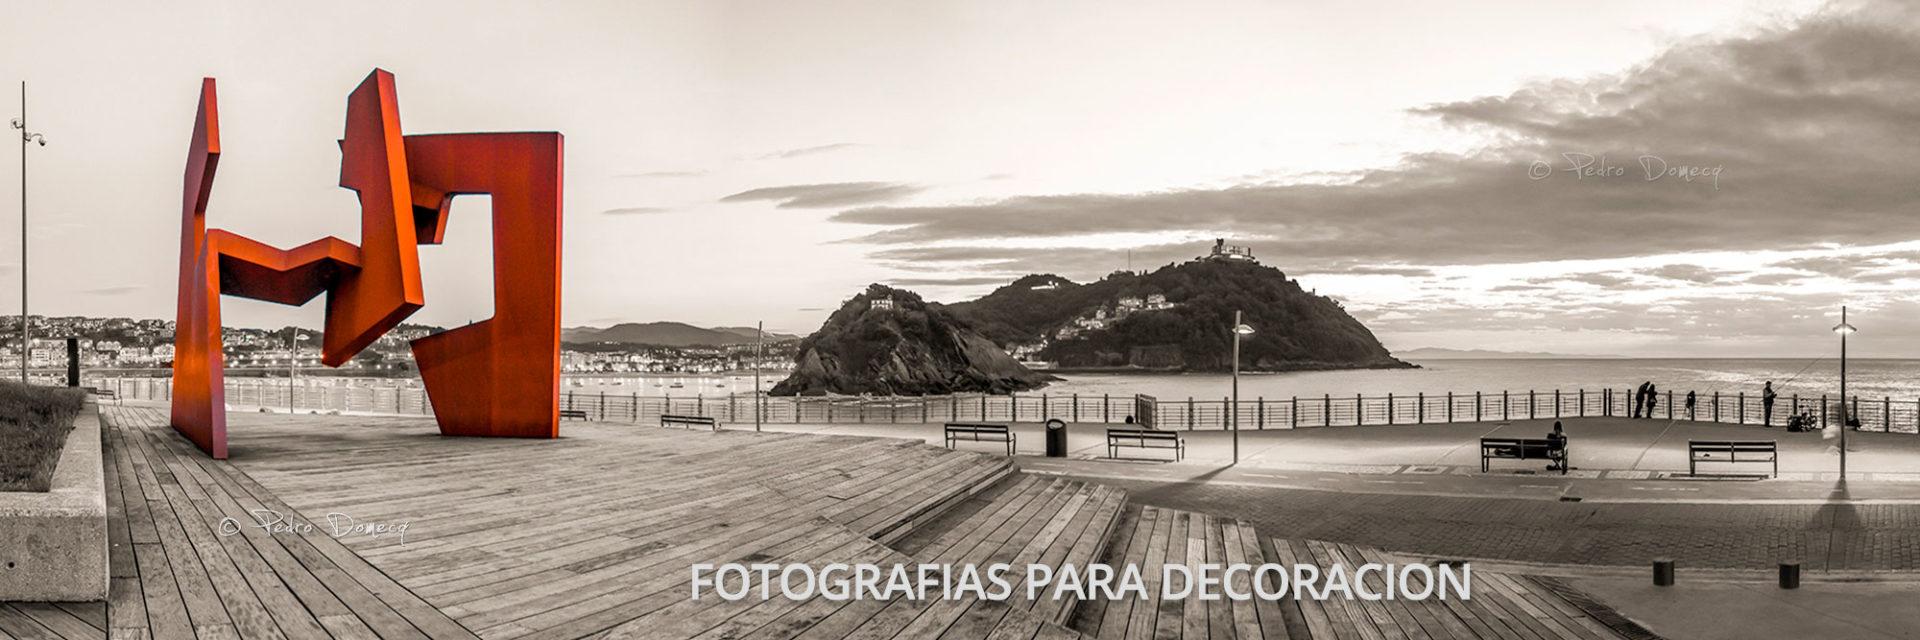 Escultura de Oteiza en el Paseo Nuevo - Fotos de San Sebastián